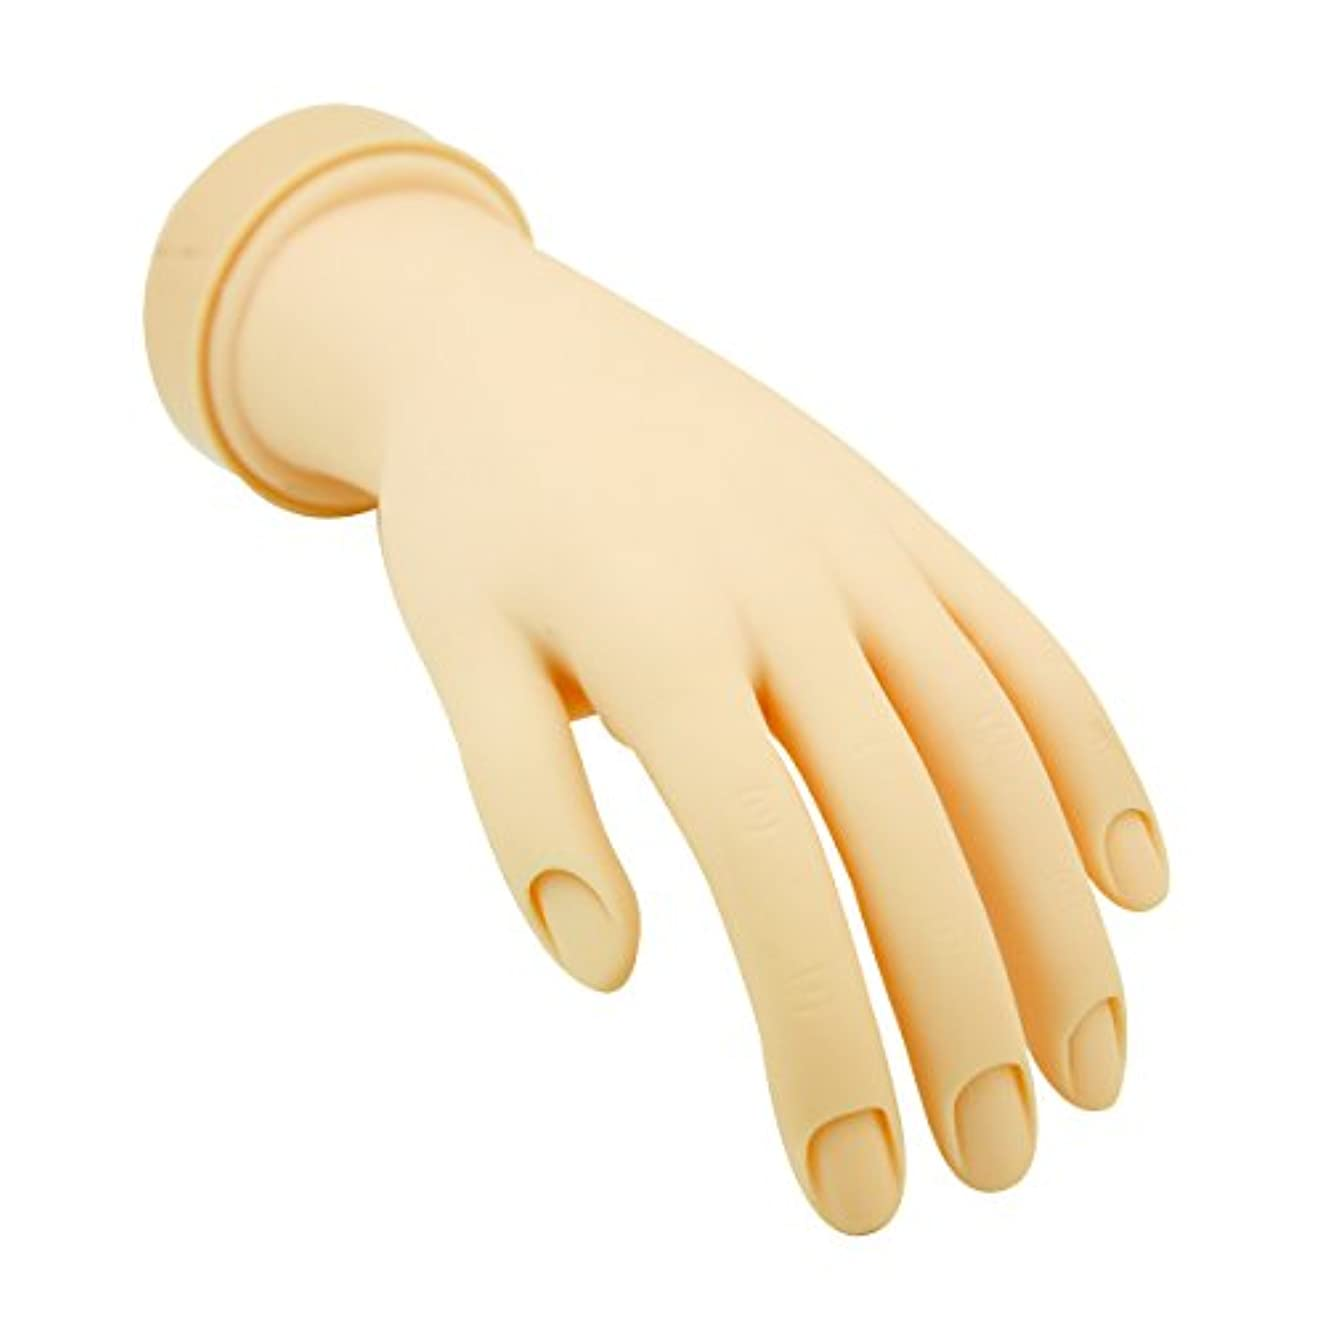 心のこもった猫背ファントムトレーニングハンド (ネイル用) 左手 [ 練習用マネキン 手 指 ハンドマネキン マネキン 施術用 トレーニング ]